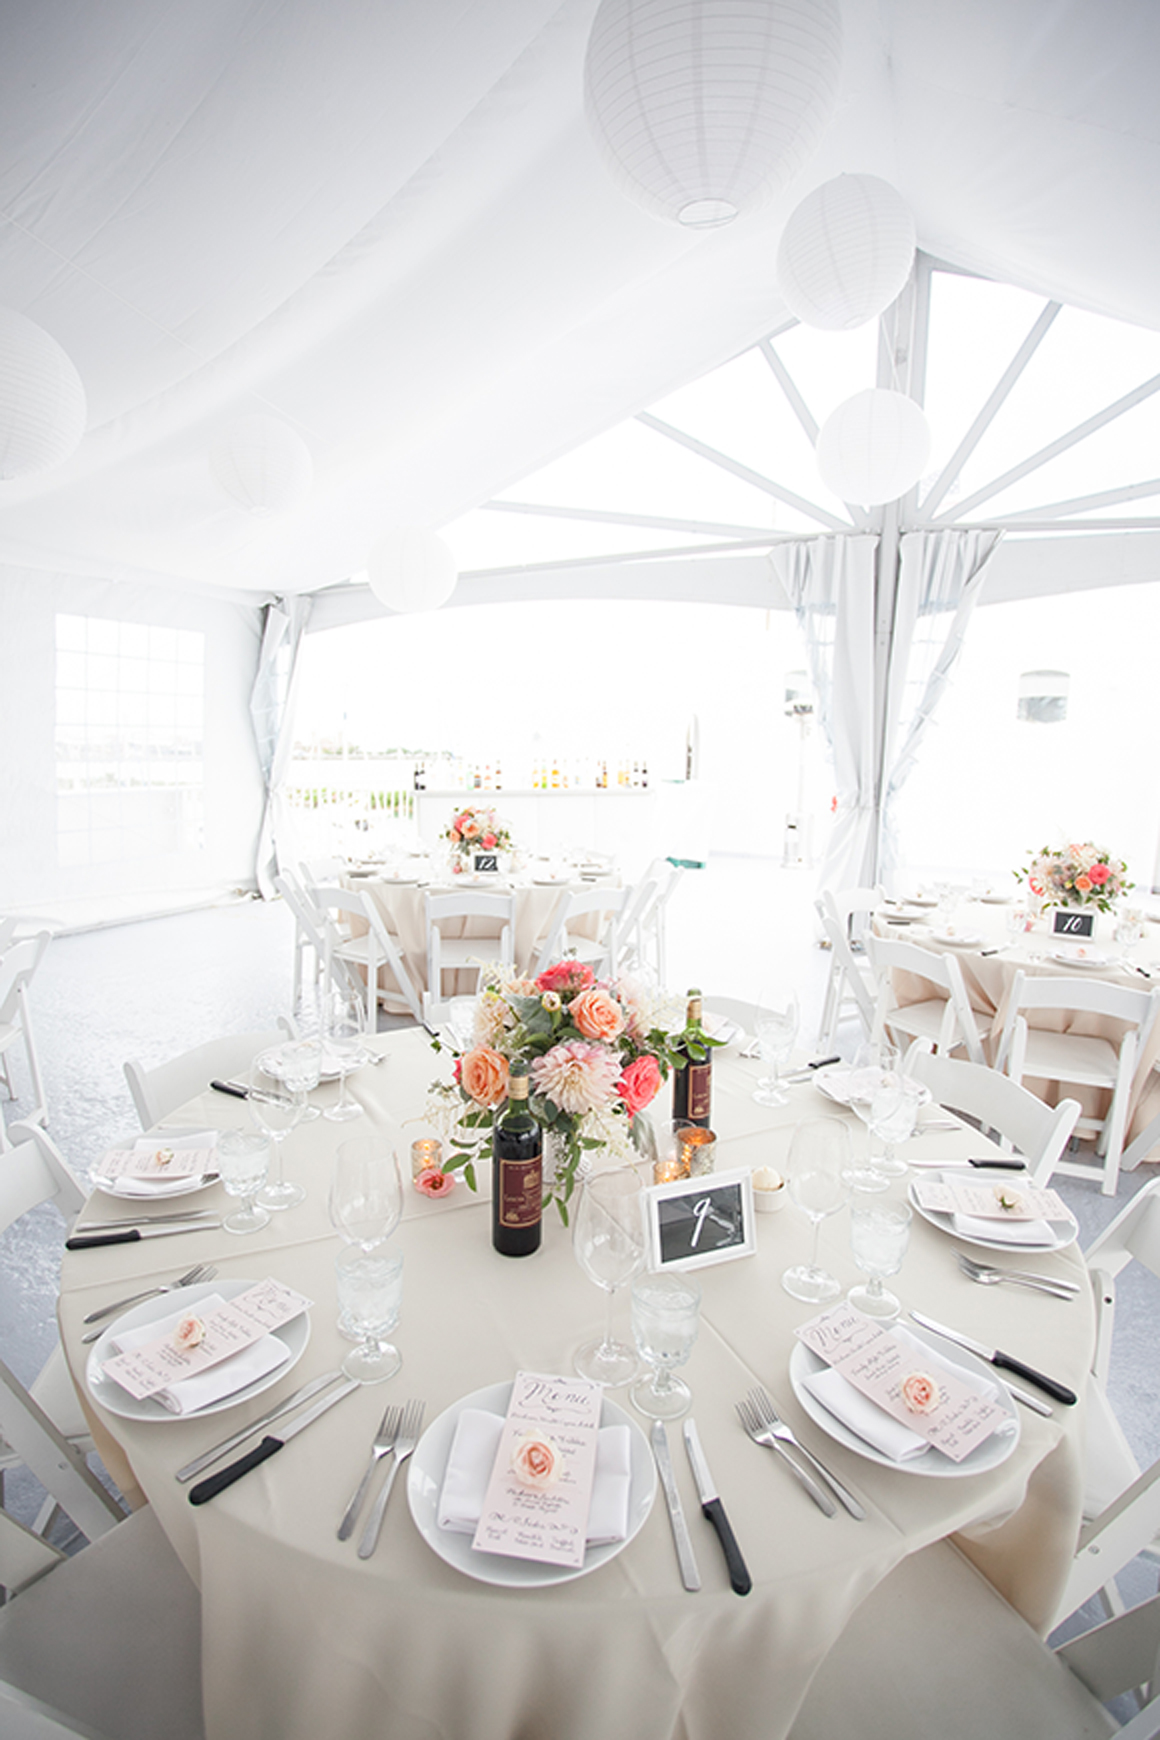 wedding-table-numbers-design.jpg